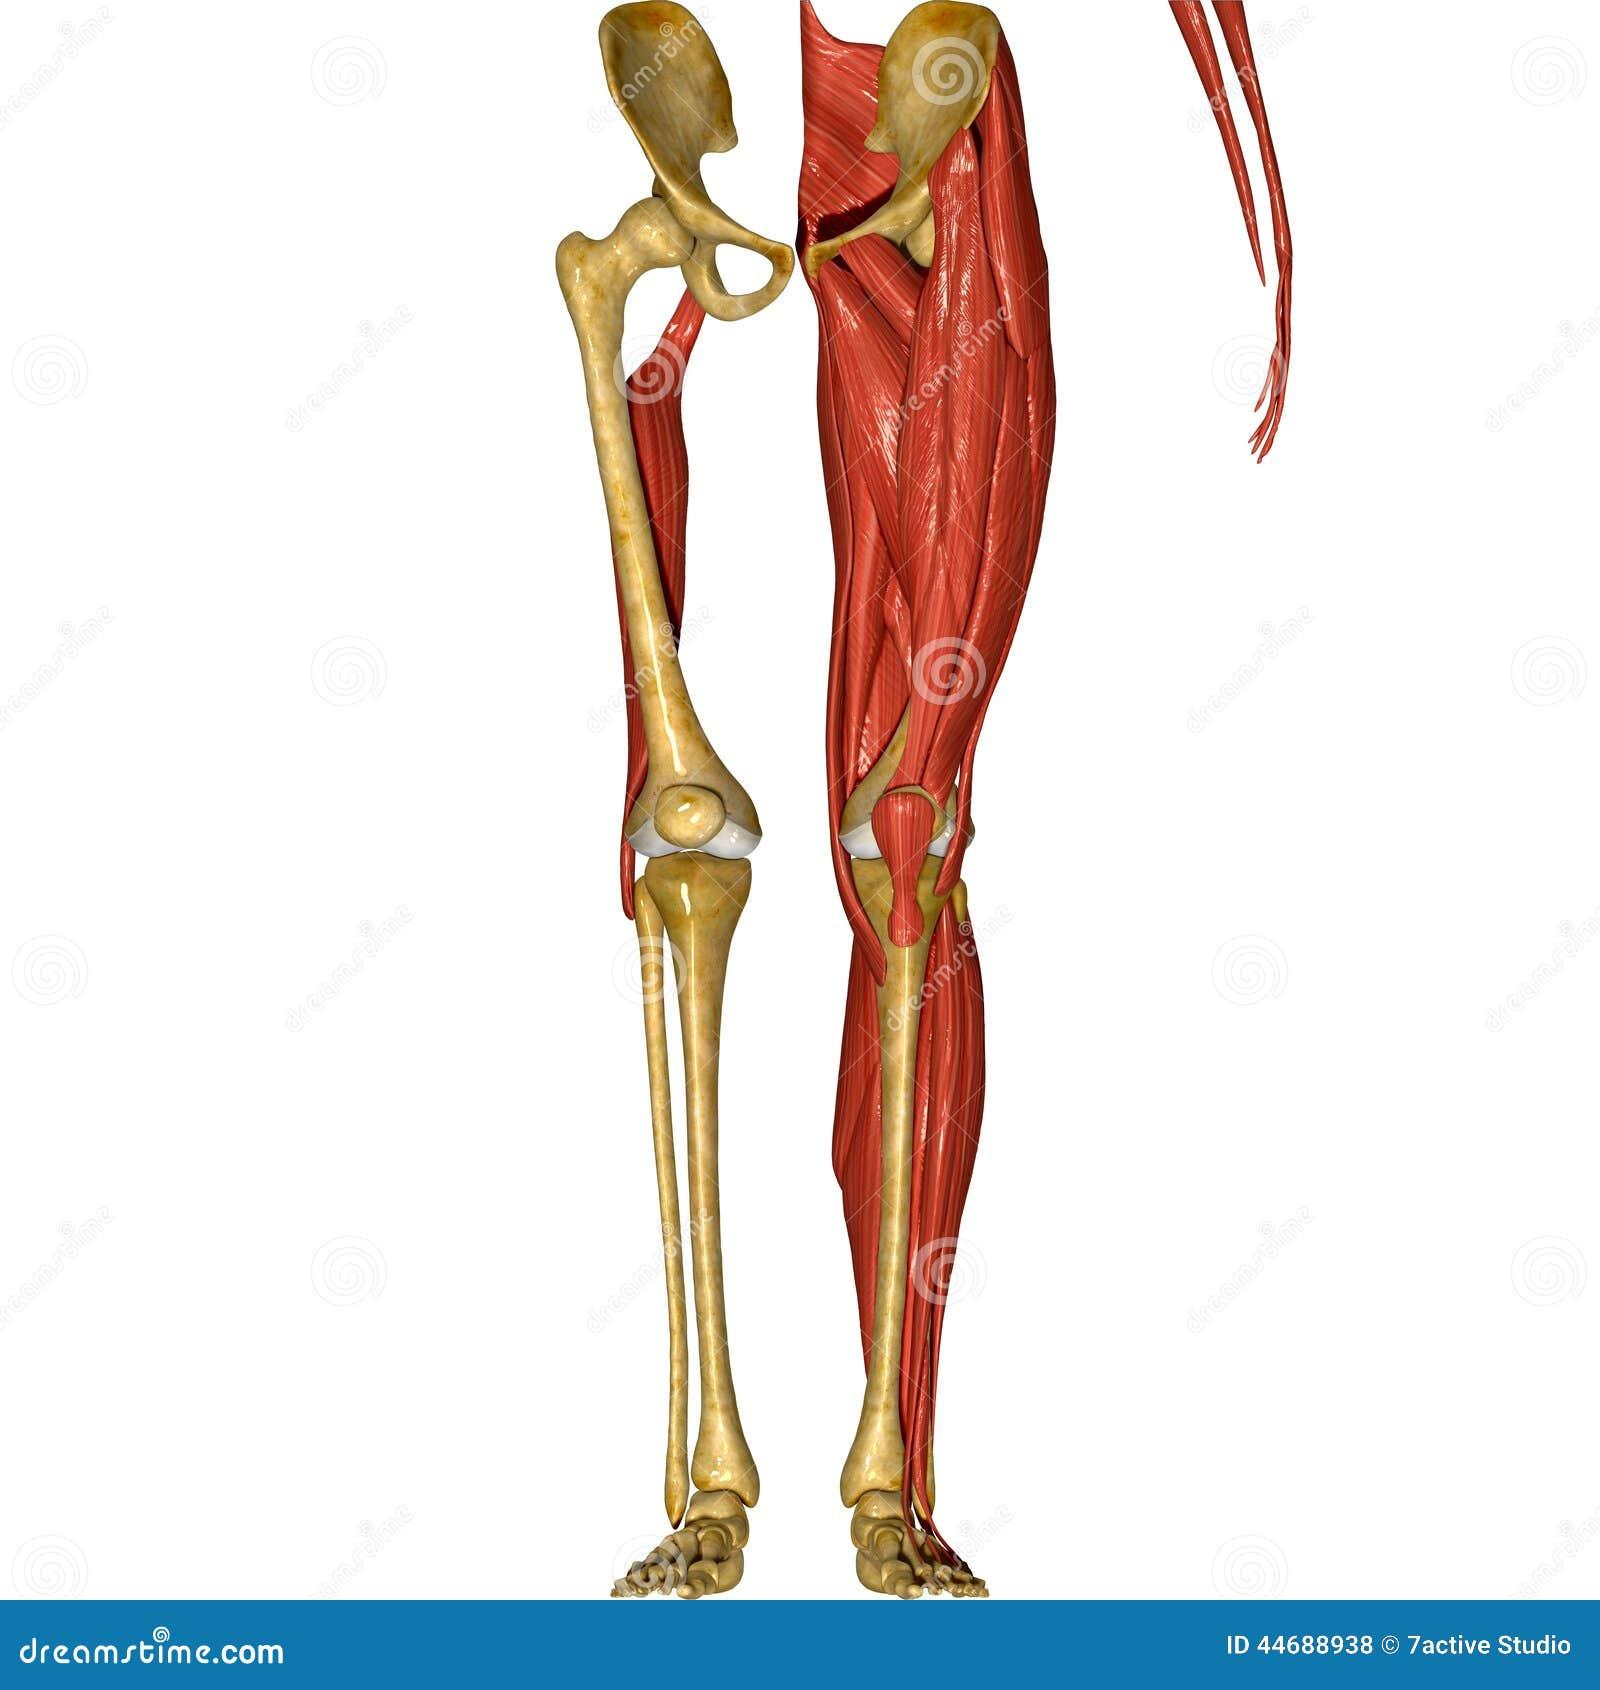 Atractivo Los Huesos De La Pierna Anatomía Composición - Anatomía de ...